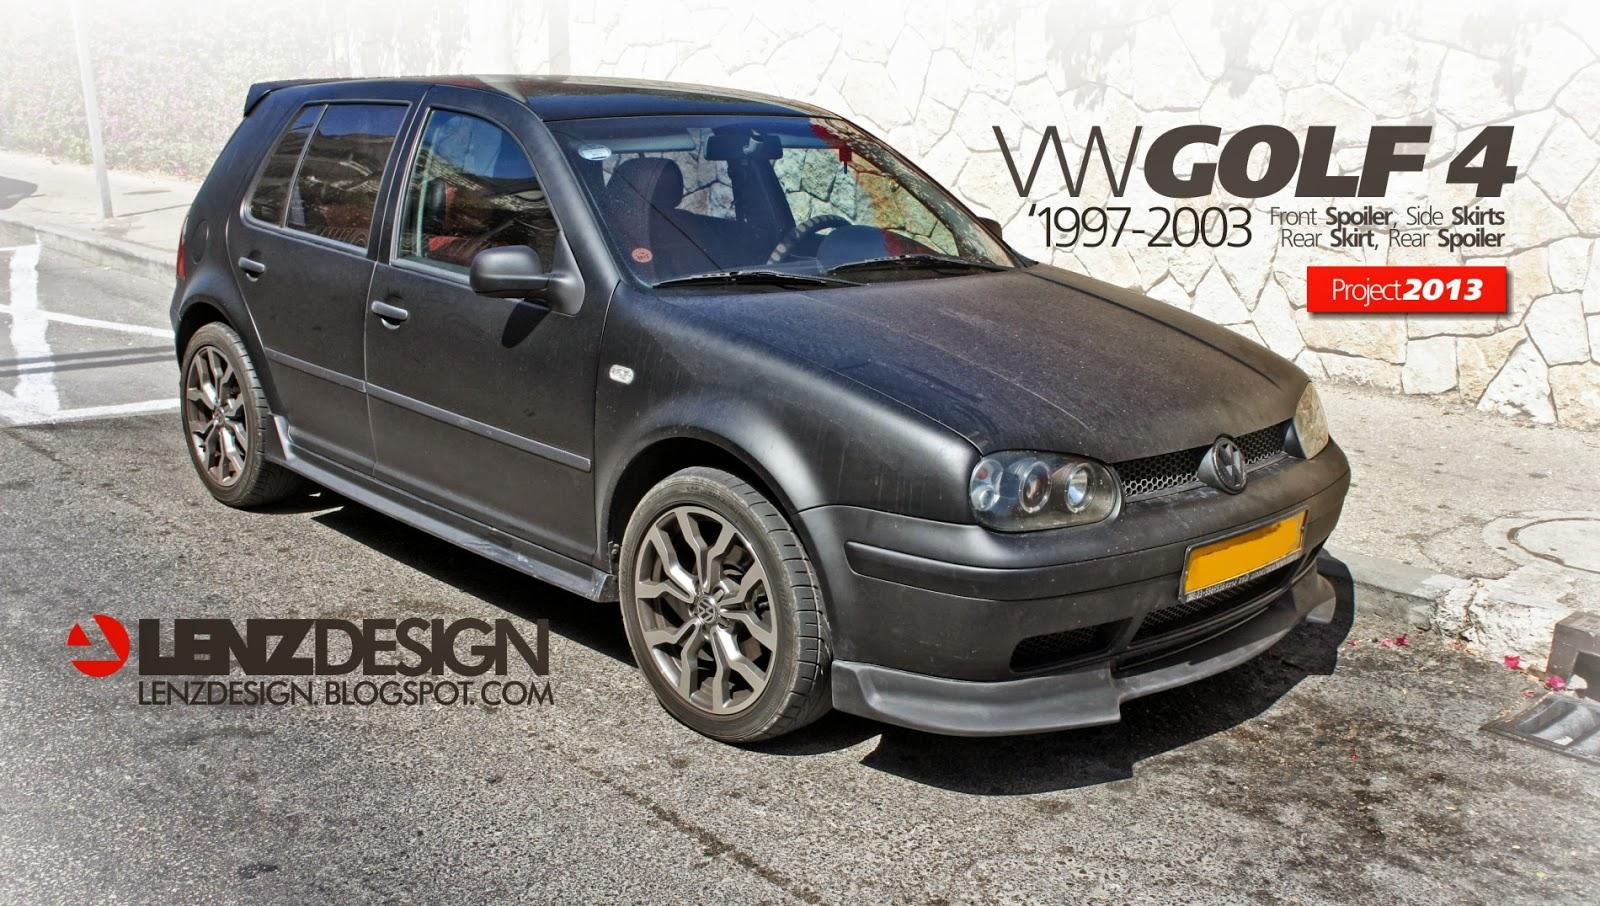 Vw Golf 4 Tuning Lenzdesign שיפורים חיצוניים לרכב Auto